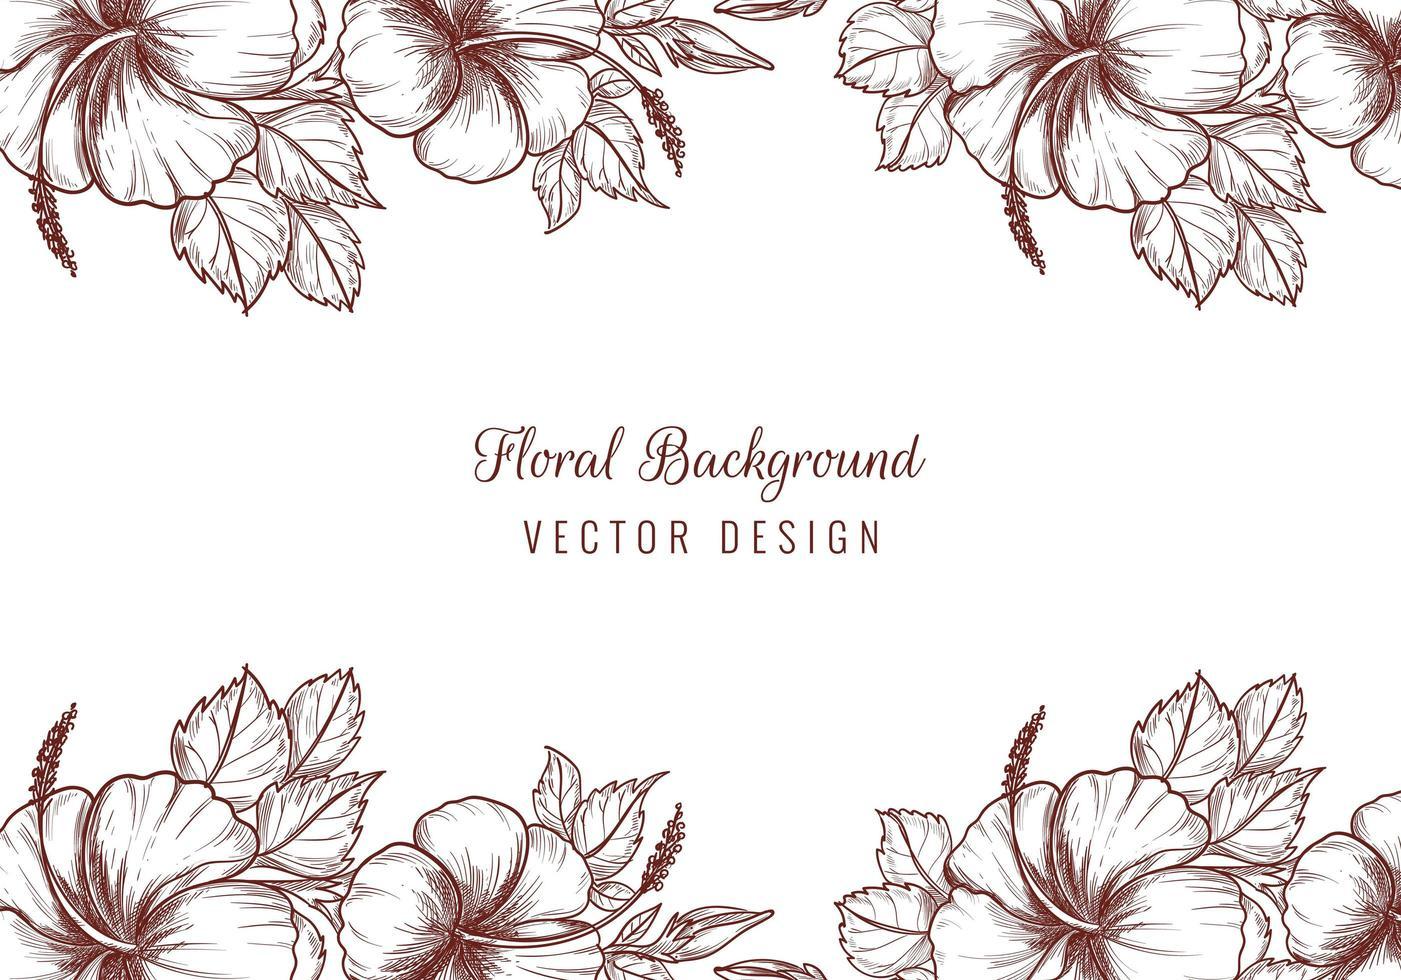 schöne dekorative Hochzeit Blumenränder vektor